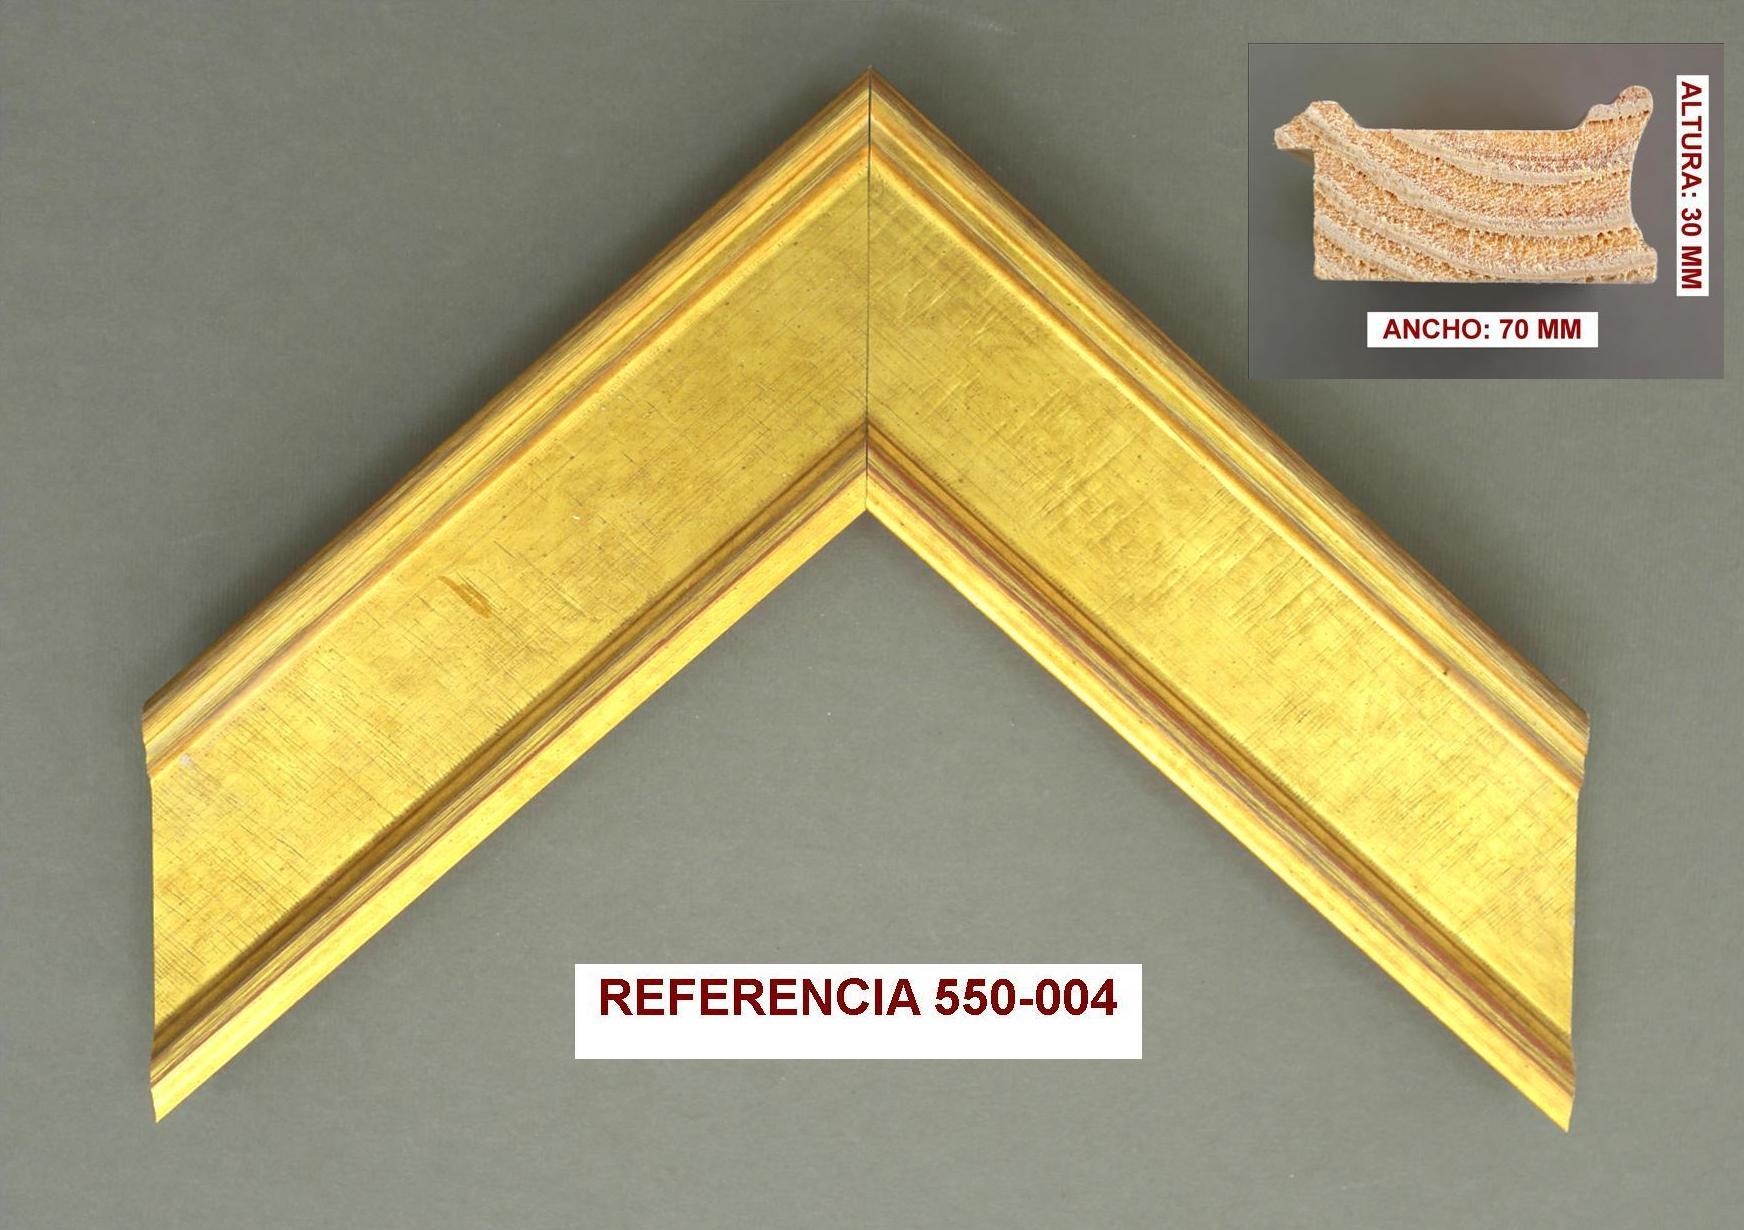 REF 550-004: Muestrario de Moldusevilla